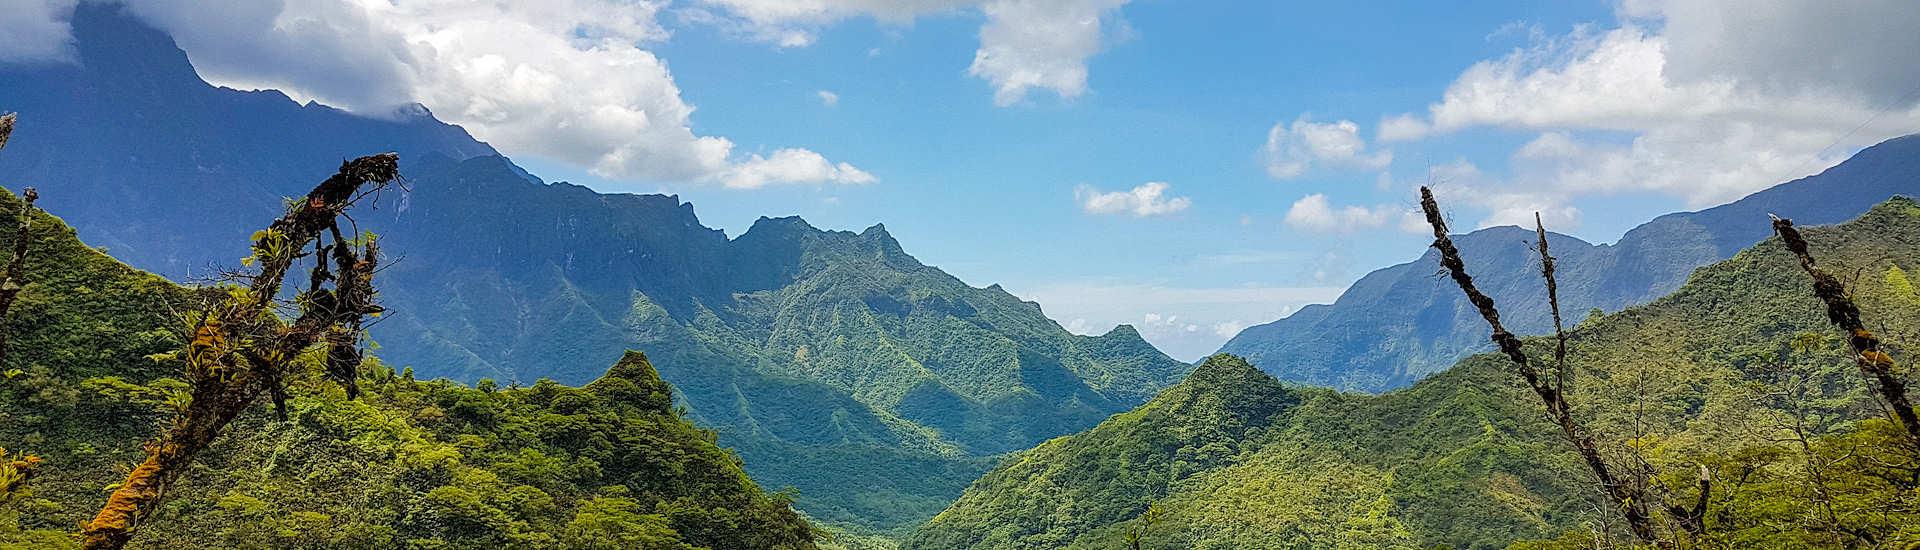 Berge im Inneren der Insel